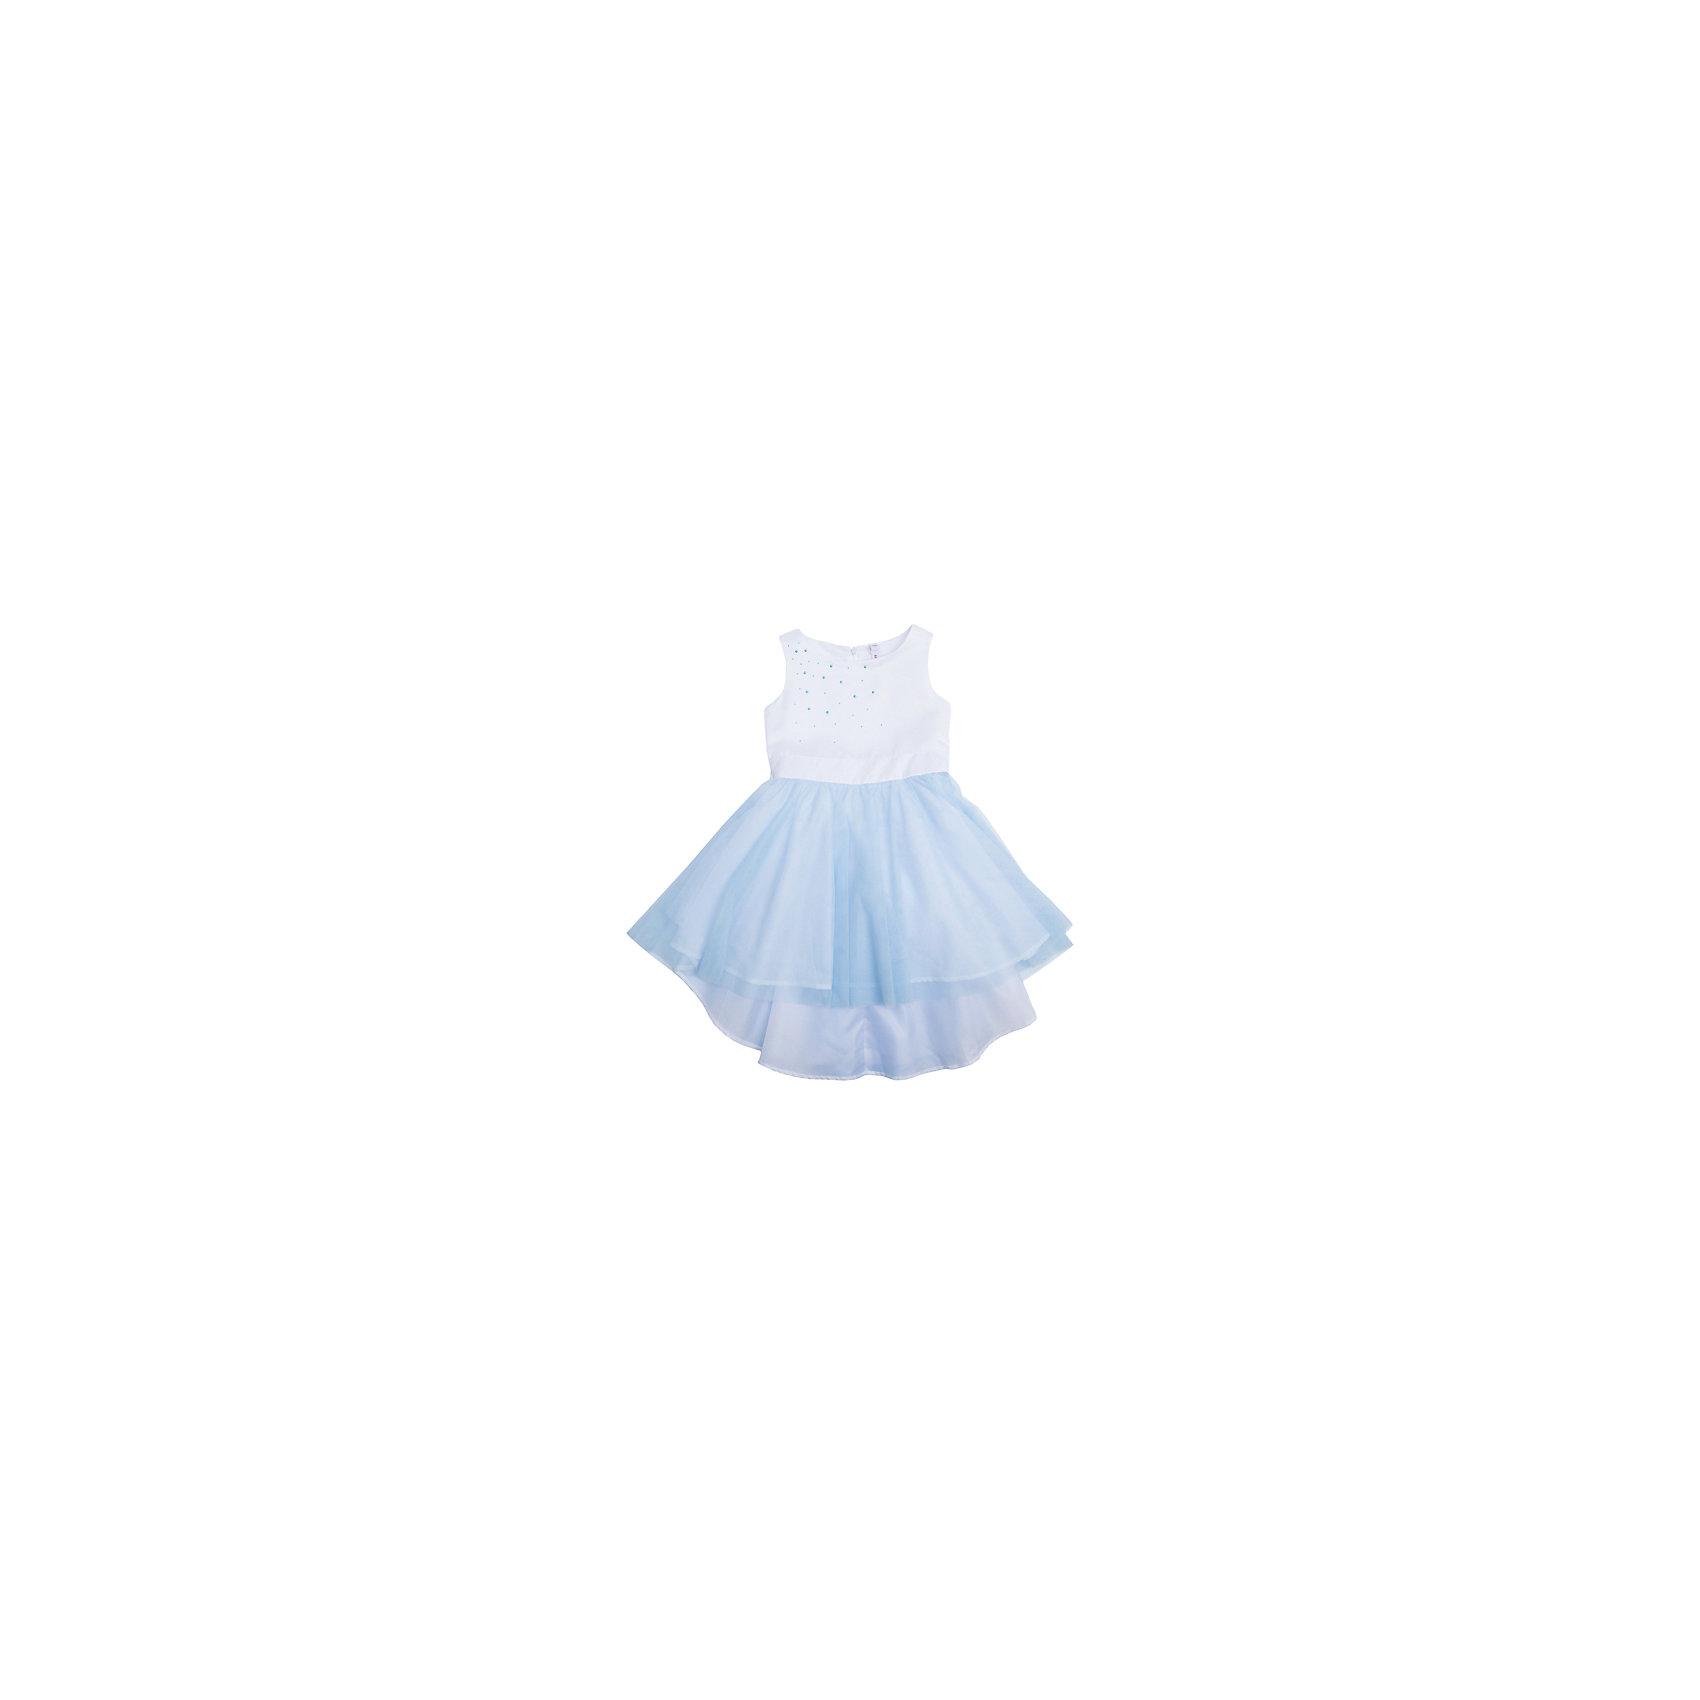 Платье для девочки PlayTodayПлатье для девочки от известного бренда PlayToday.<br>Платье без рукавов.<br><br>Верх выполнен из мягкого гипюра, хлопковая подкладка обеспечивает максимальное удобство. Удлиненная задняя часть создает эффект шлейфа. Украшено асимметричной россыпью жемчужных страз с правого плеча. Застегивается на потайную молнию сзади.<br>Состав:<br>Верх: 100% полиэстер, Подкладка: 100% хлопок<br><br>Ширина мм: 236<br>Глубина мм: 16<br>Высота мм: 184<br>Вес г: 177<br>Цвет: белый<br>Возраст от месяцев: 72<br>Возраст до месяцев: 84<br>Пол: Женский<br>Возраст: Детский<br>Размер: 122,104,128,110,116,98<br>SKU: 5113805